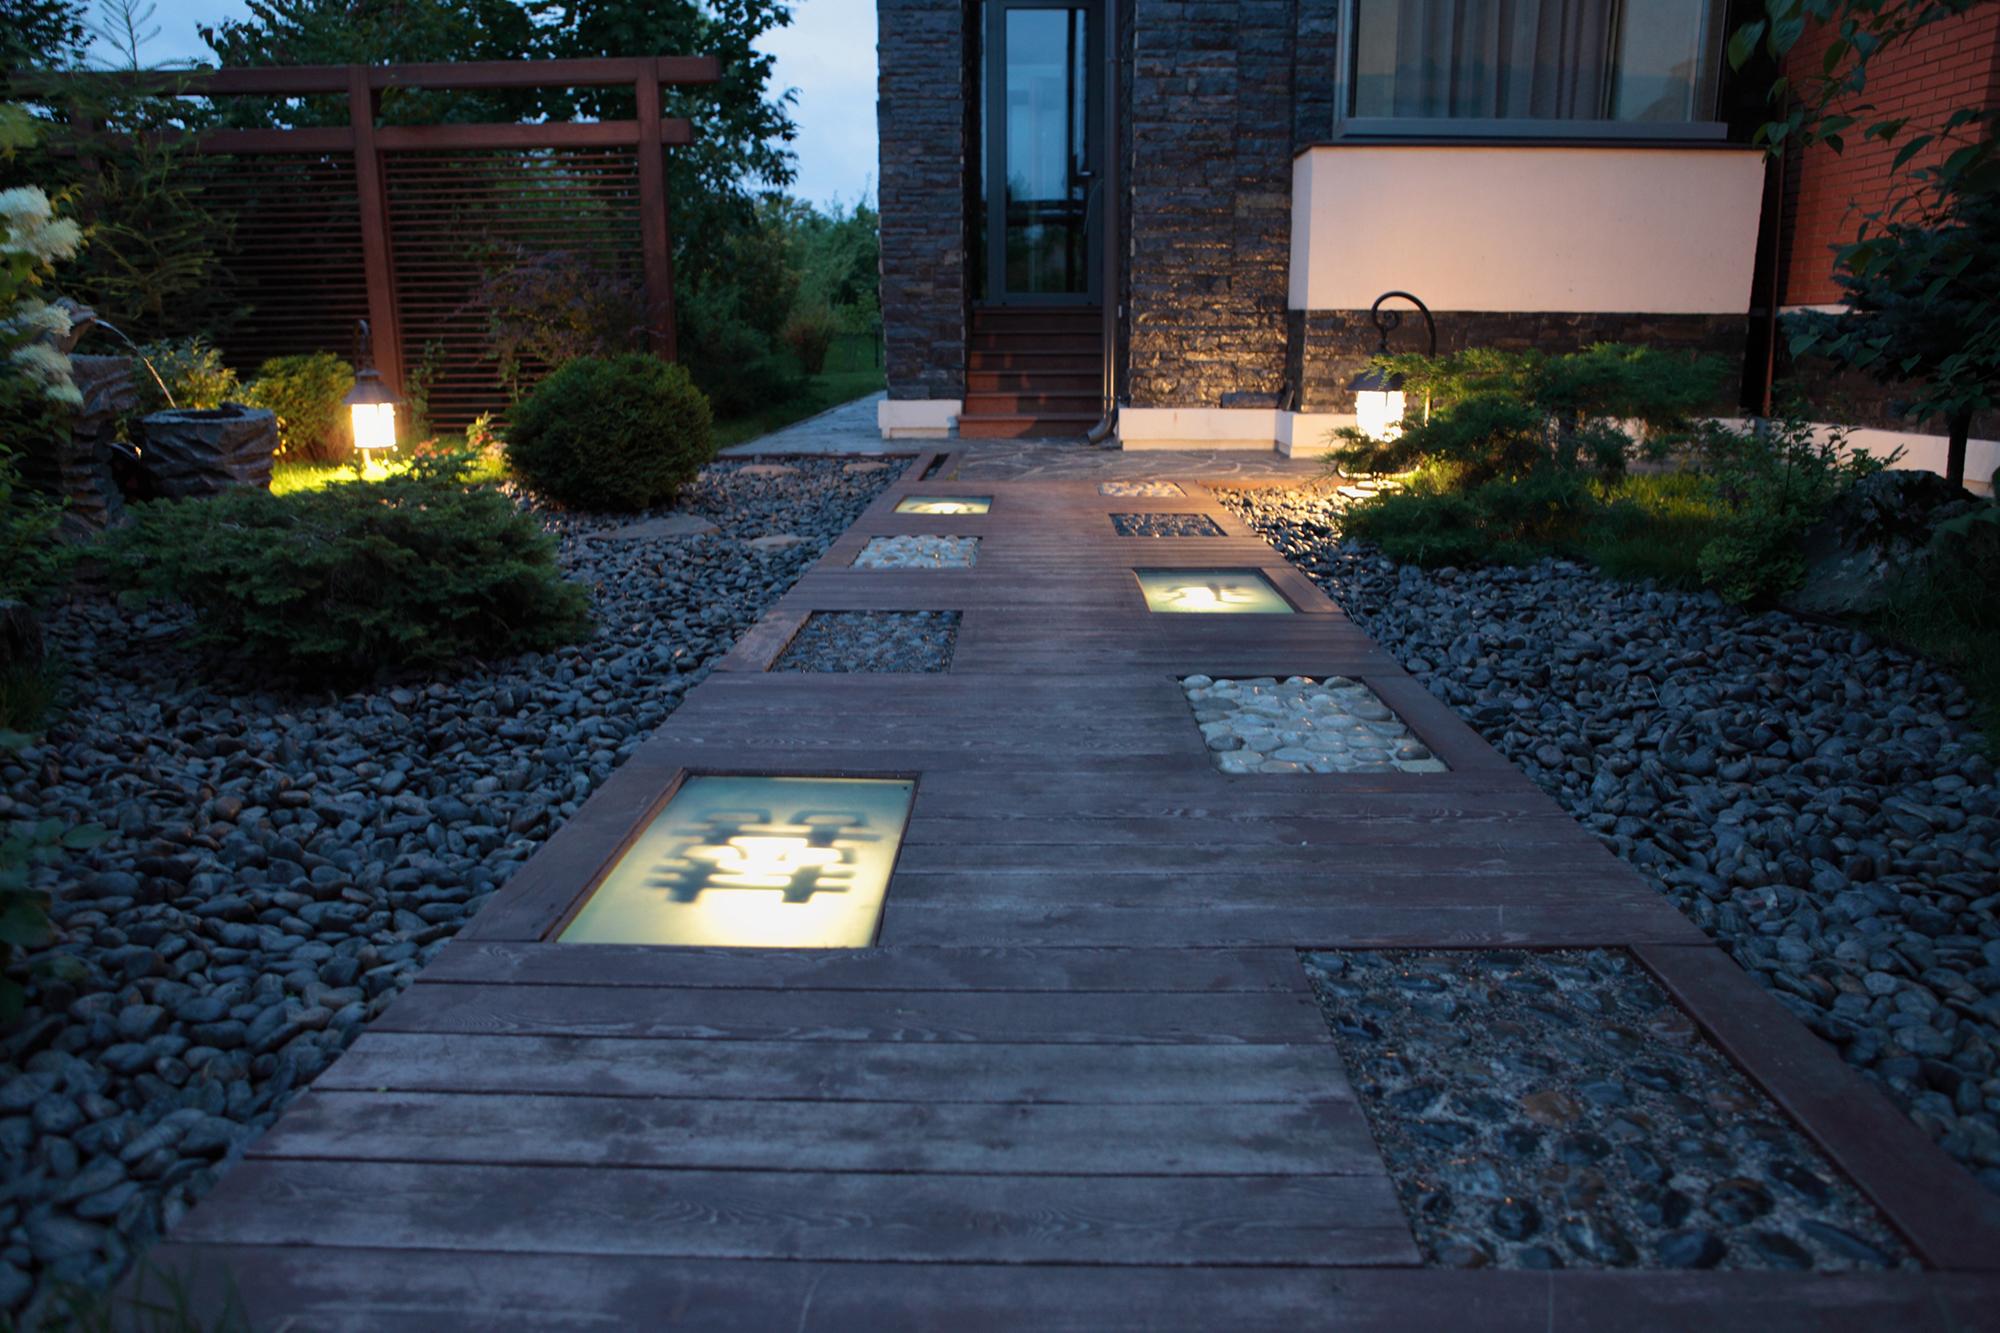 Встроенный свет и фонари у дорожки